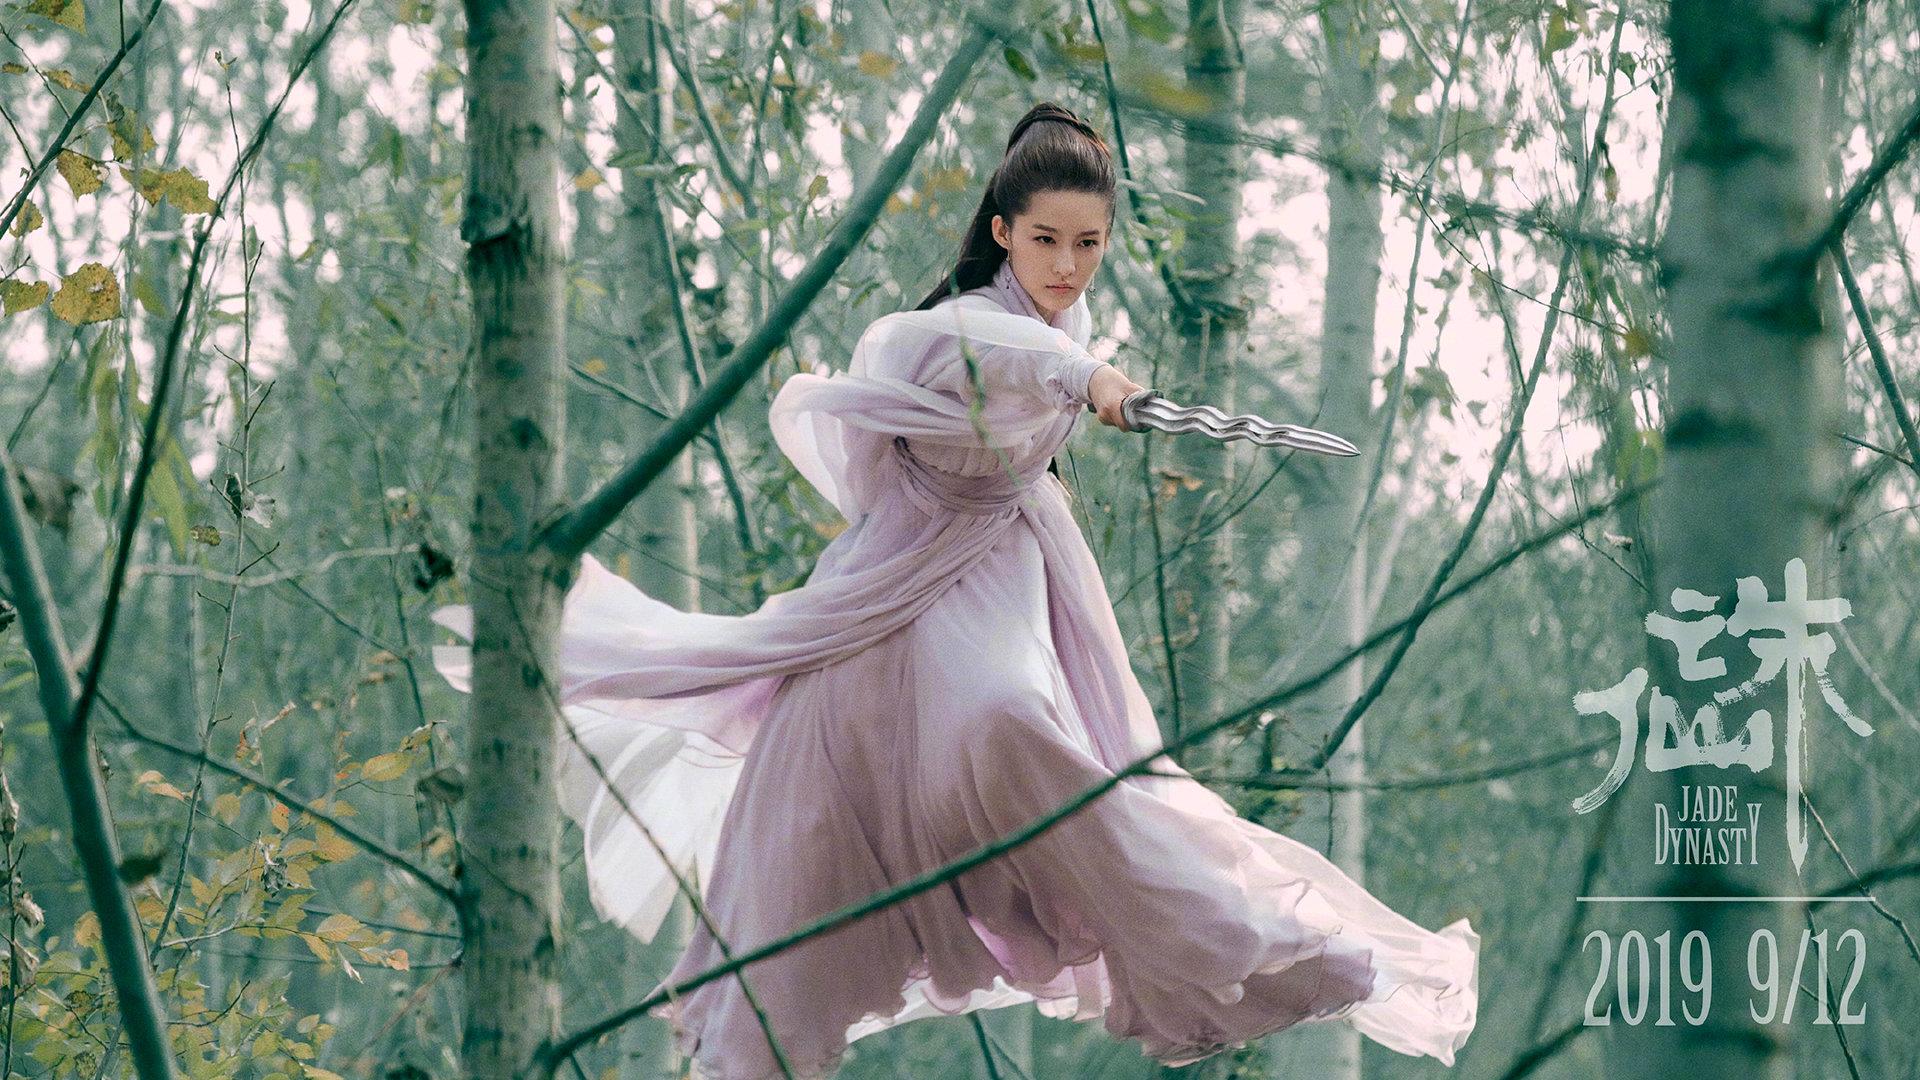 《诛仙I》自命清高的陆雪琪为什么爱上了张小凡?的照片 - 3